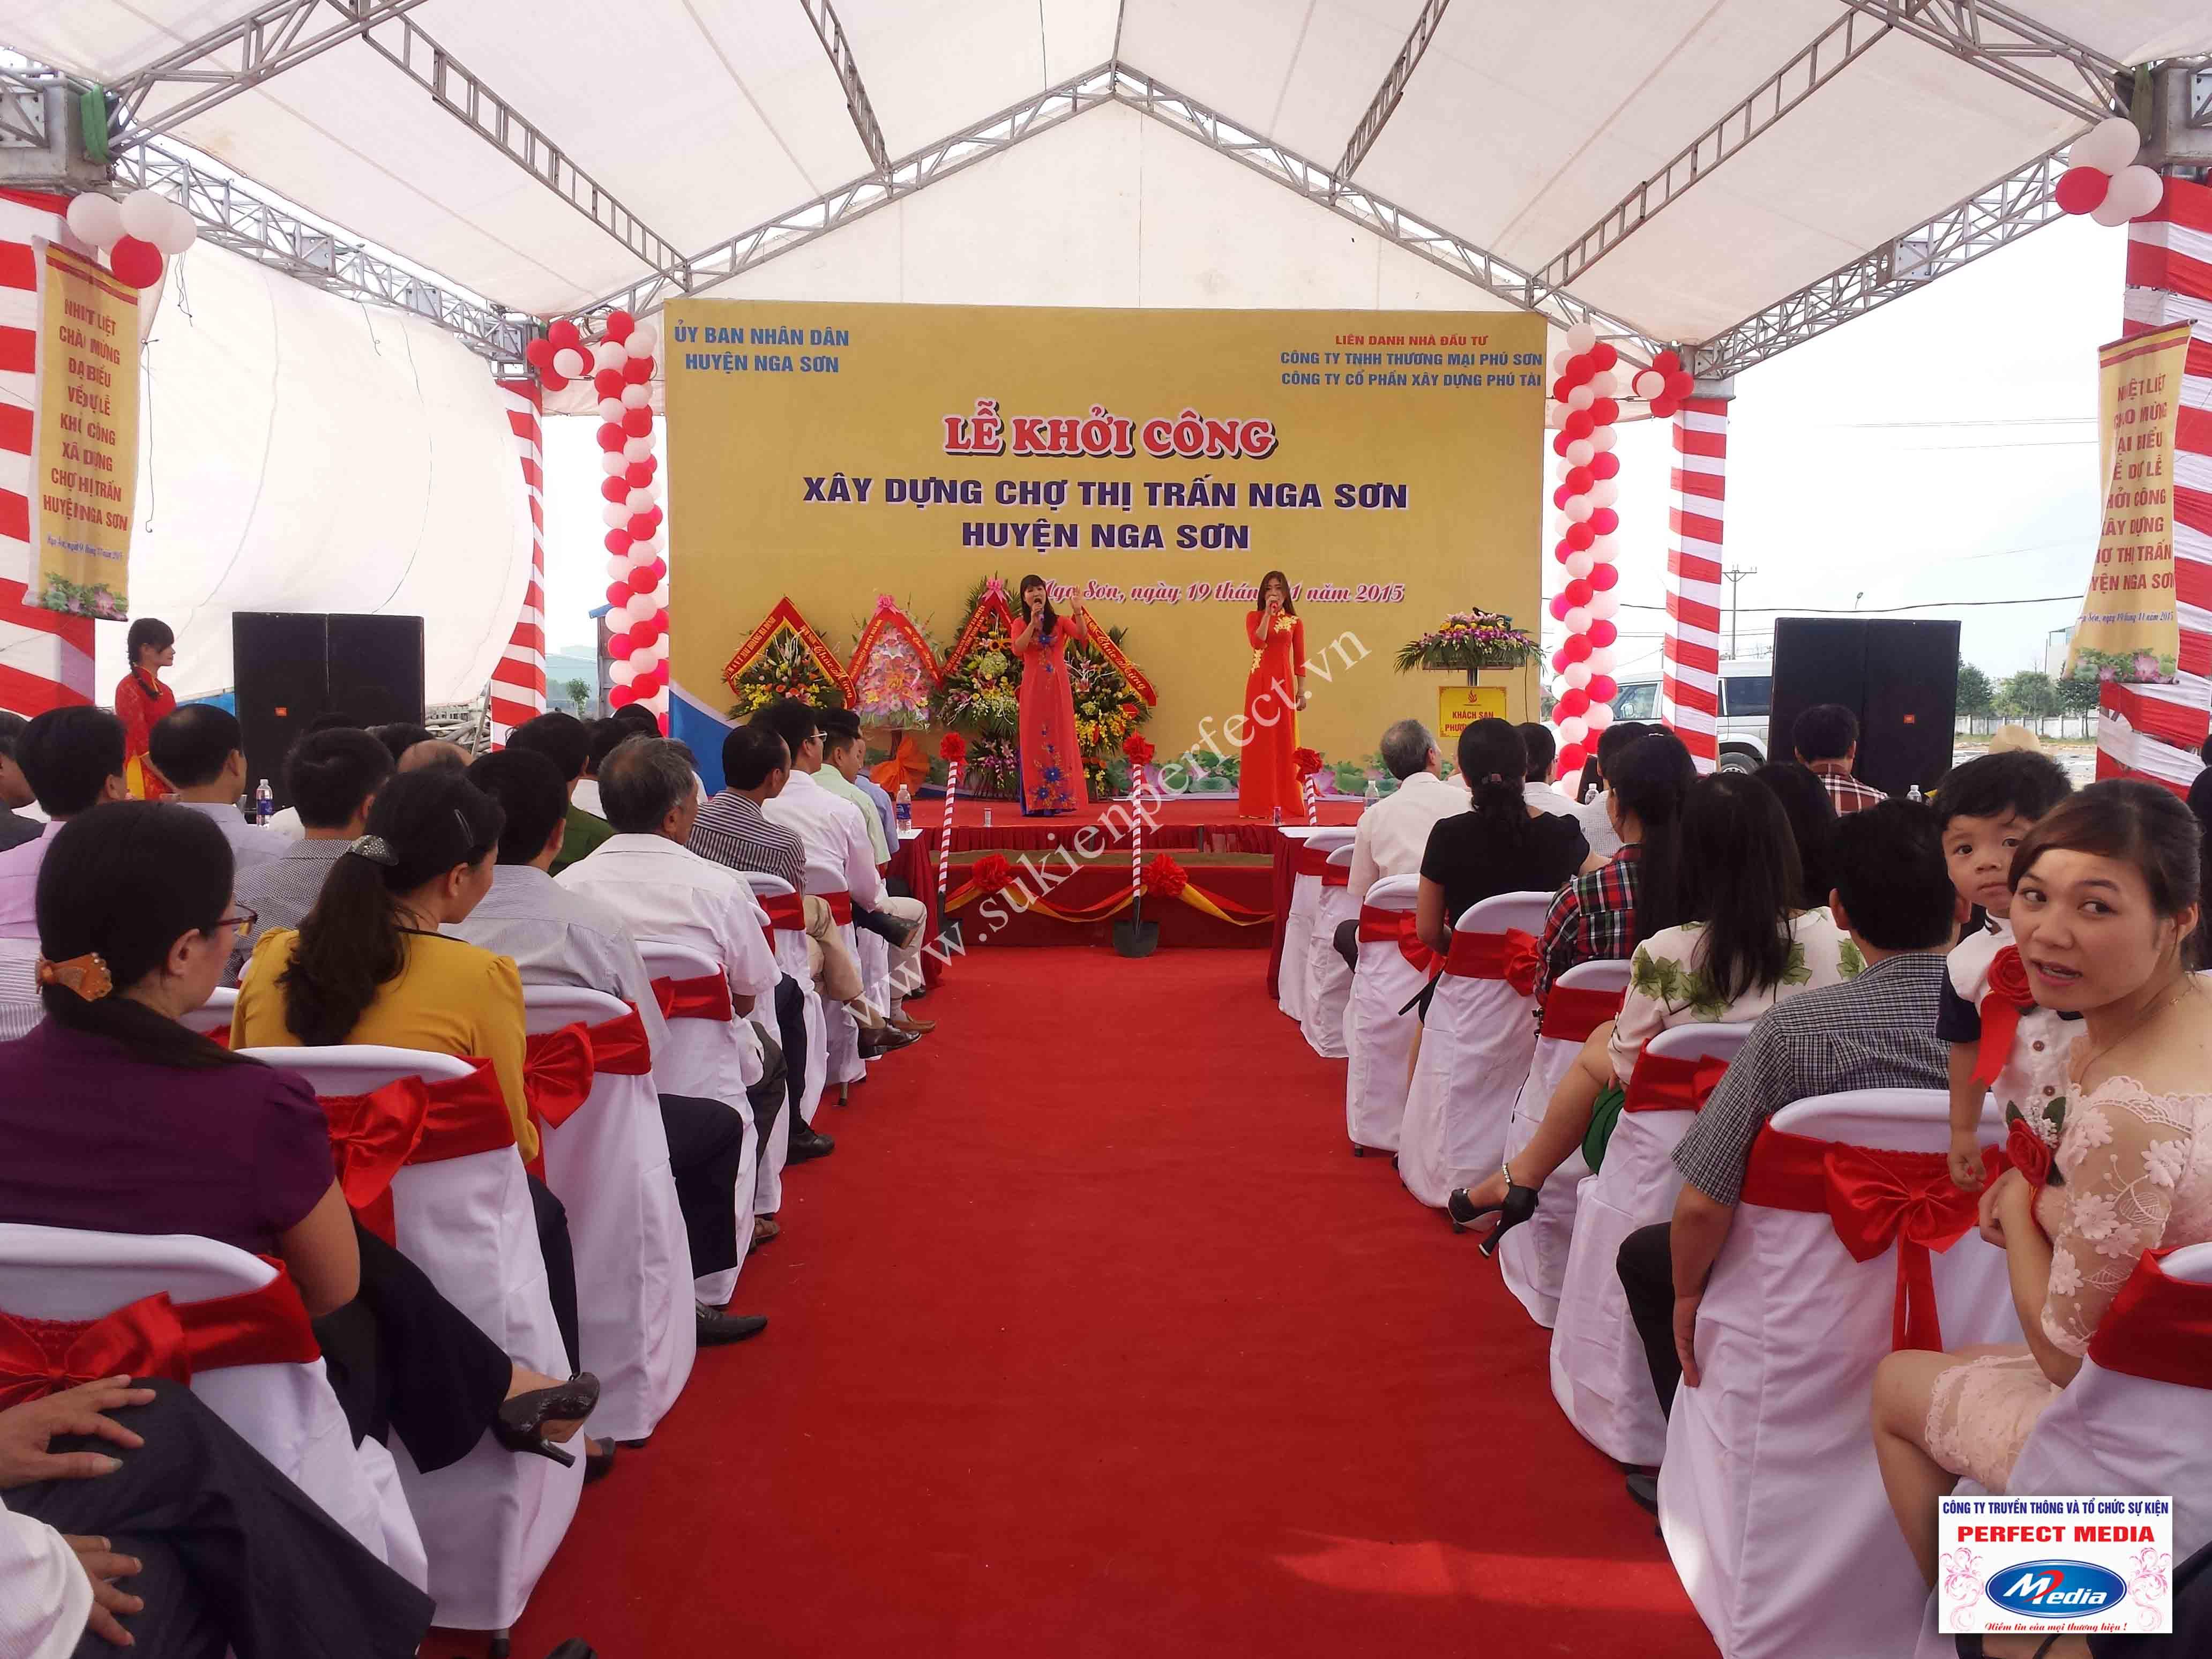 Hình ảnh hội trường lễ khởi công xây dựng chợ thị trấn huyện Nga Sơn 09